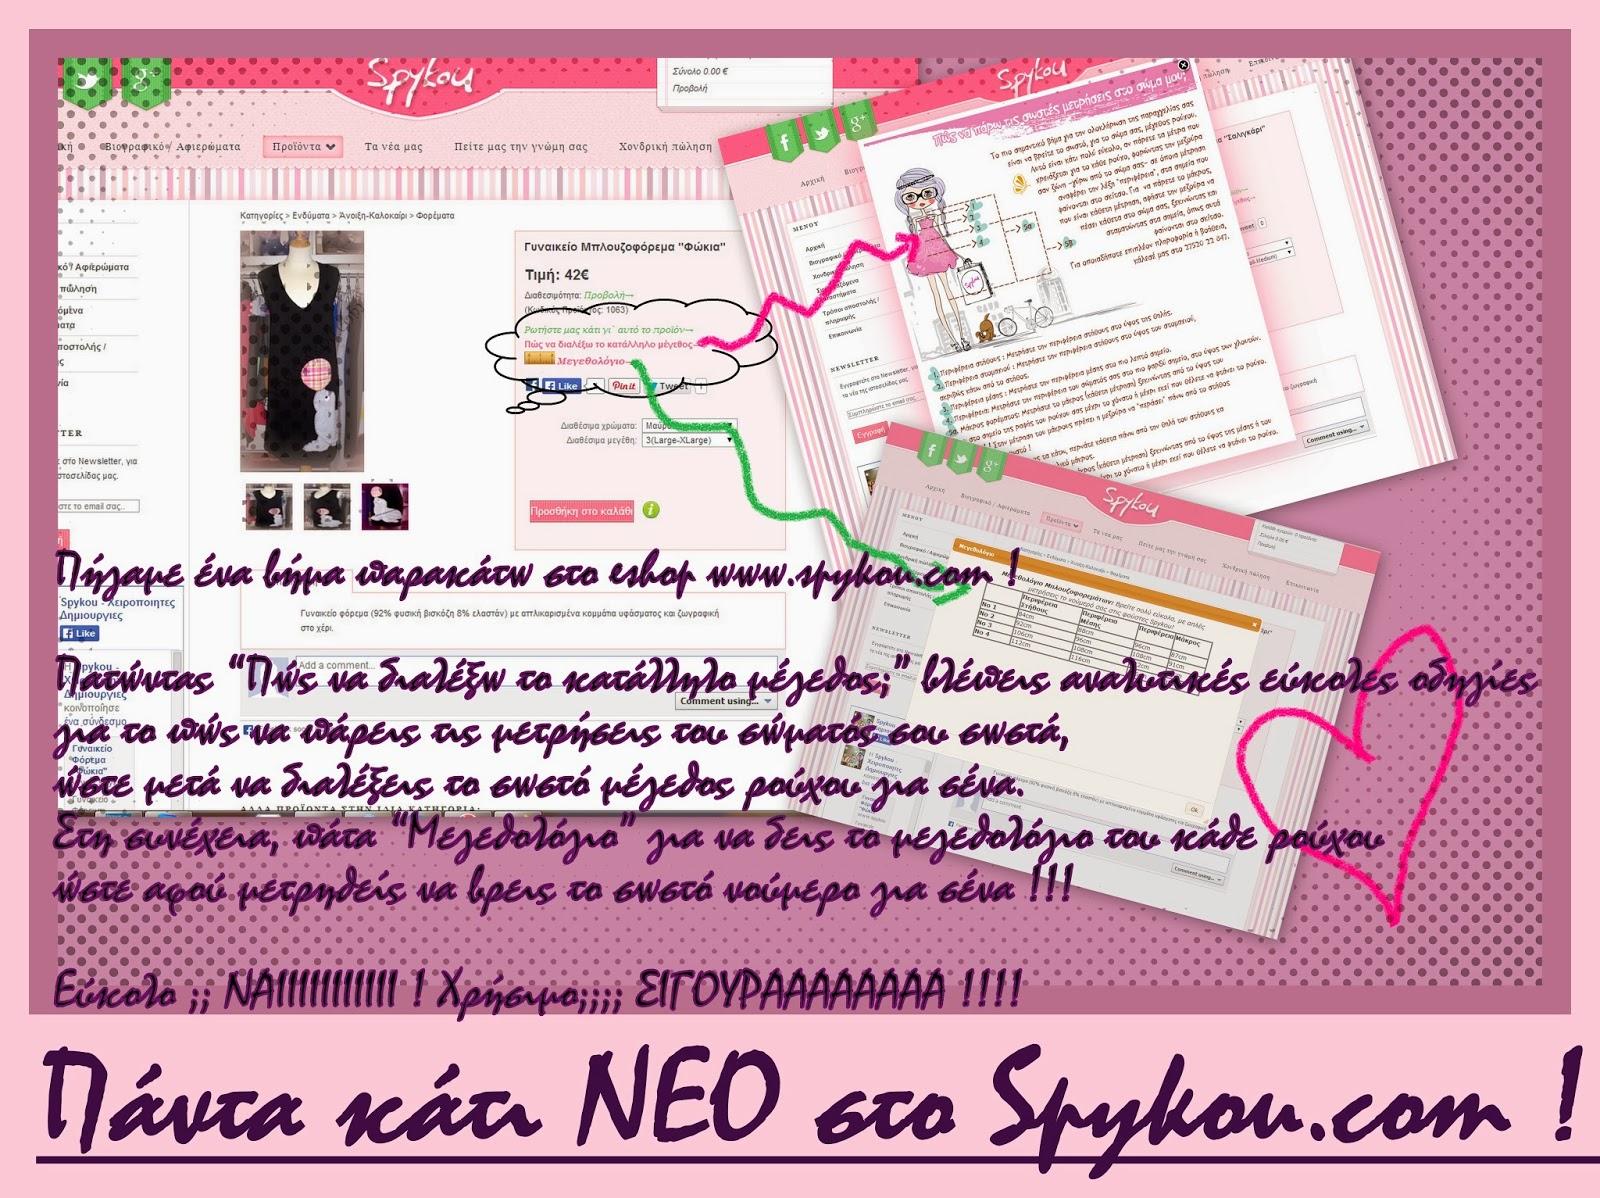 eshop -->  www.spykou.com